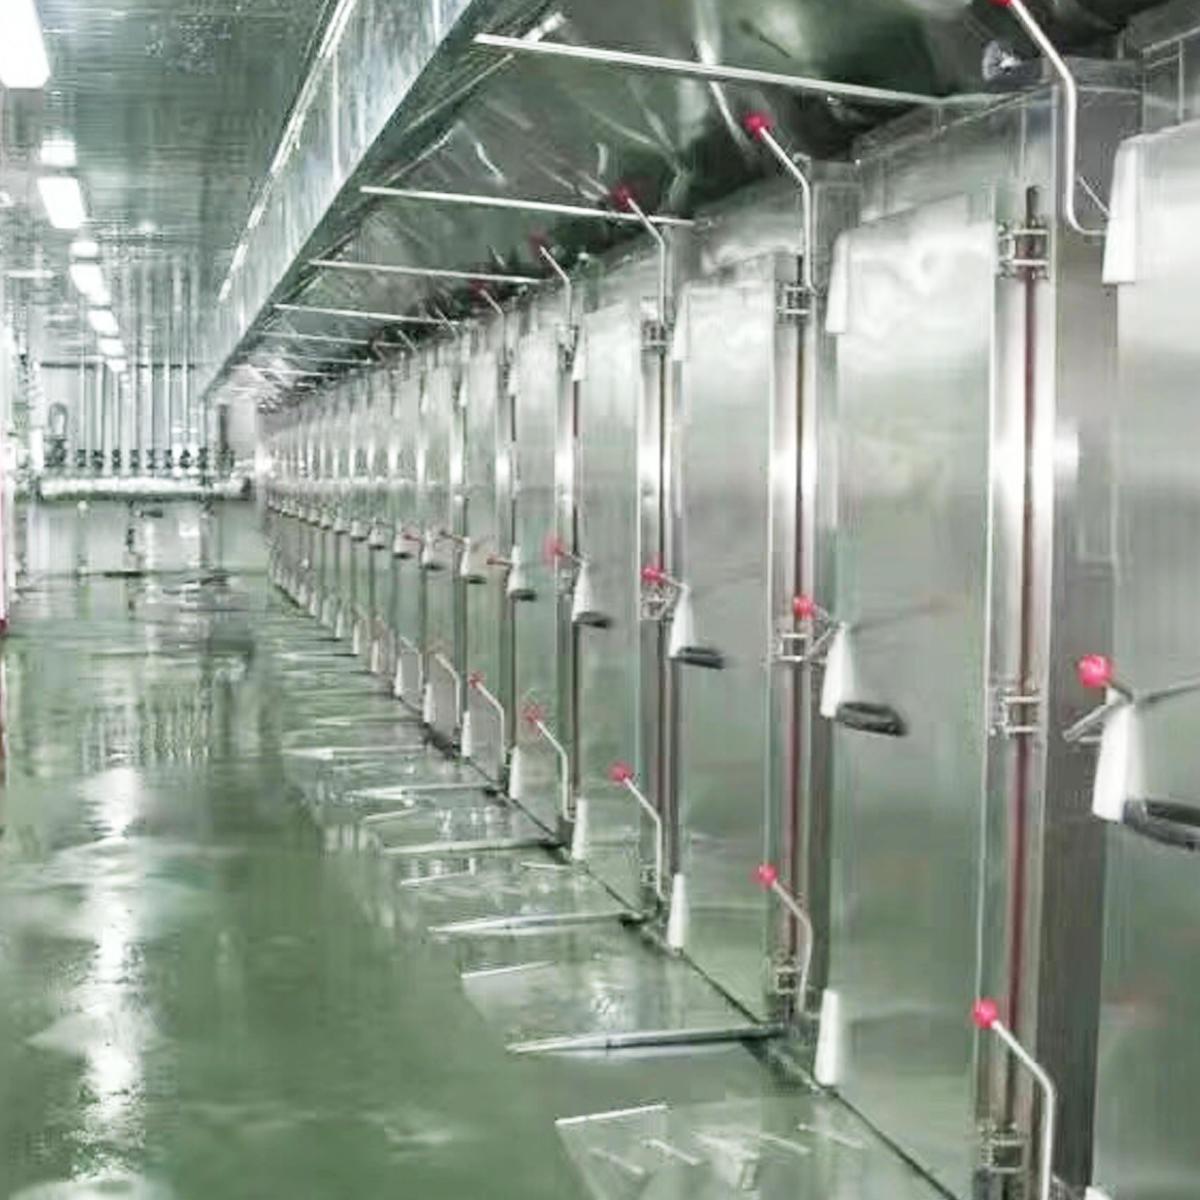 三合鼎泰DT 雙門蒸柜,商用面包蒸柜,多功能可蒸肉類,可定制廠家報價